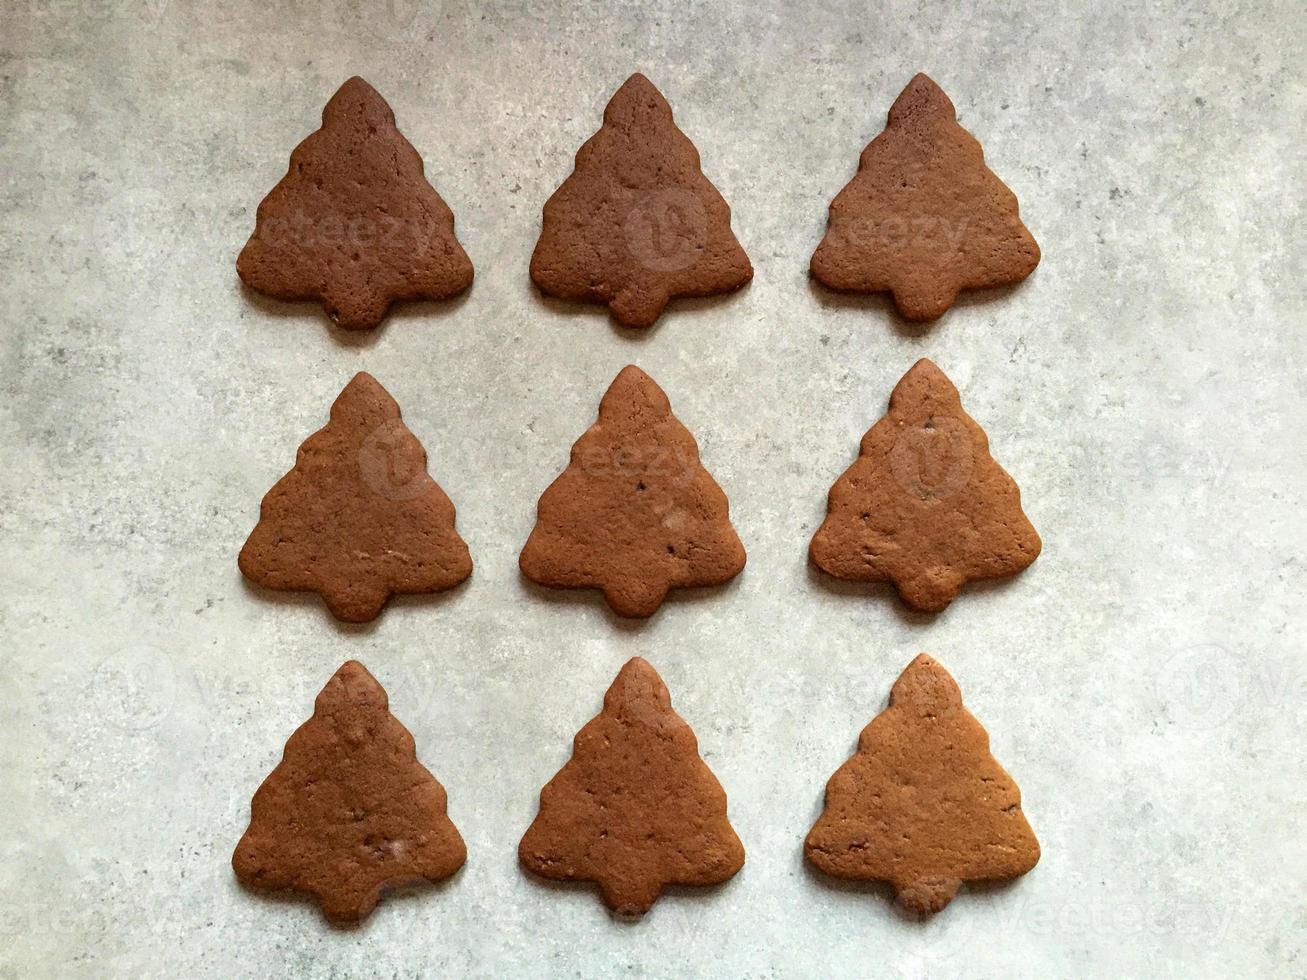 Lebkuchen Weihnachtsplätzchen geformt wie Bäume auf Küchenarbeitsplatte foto